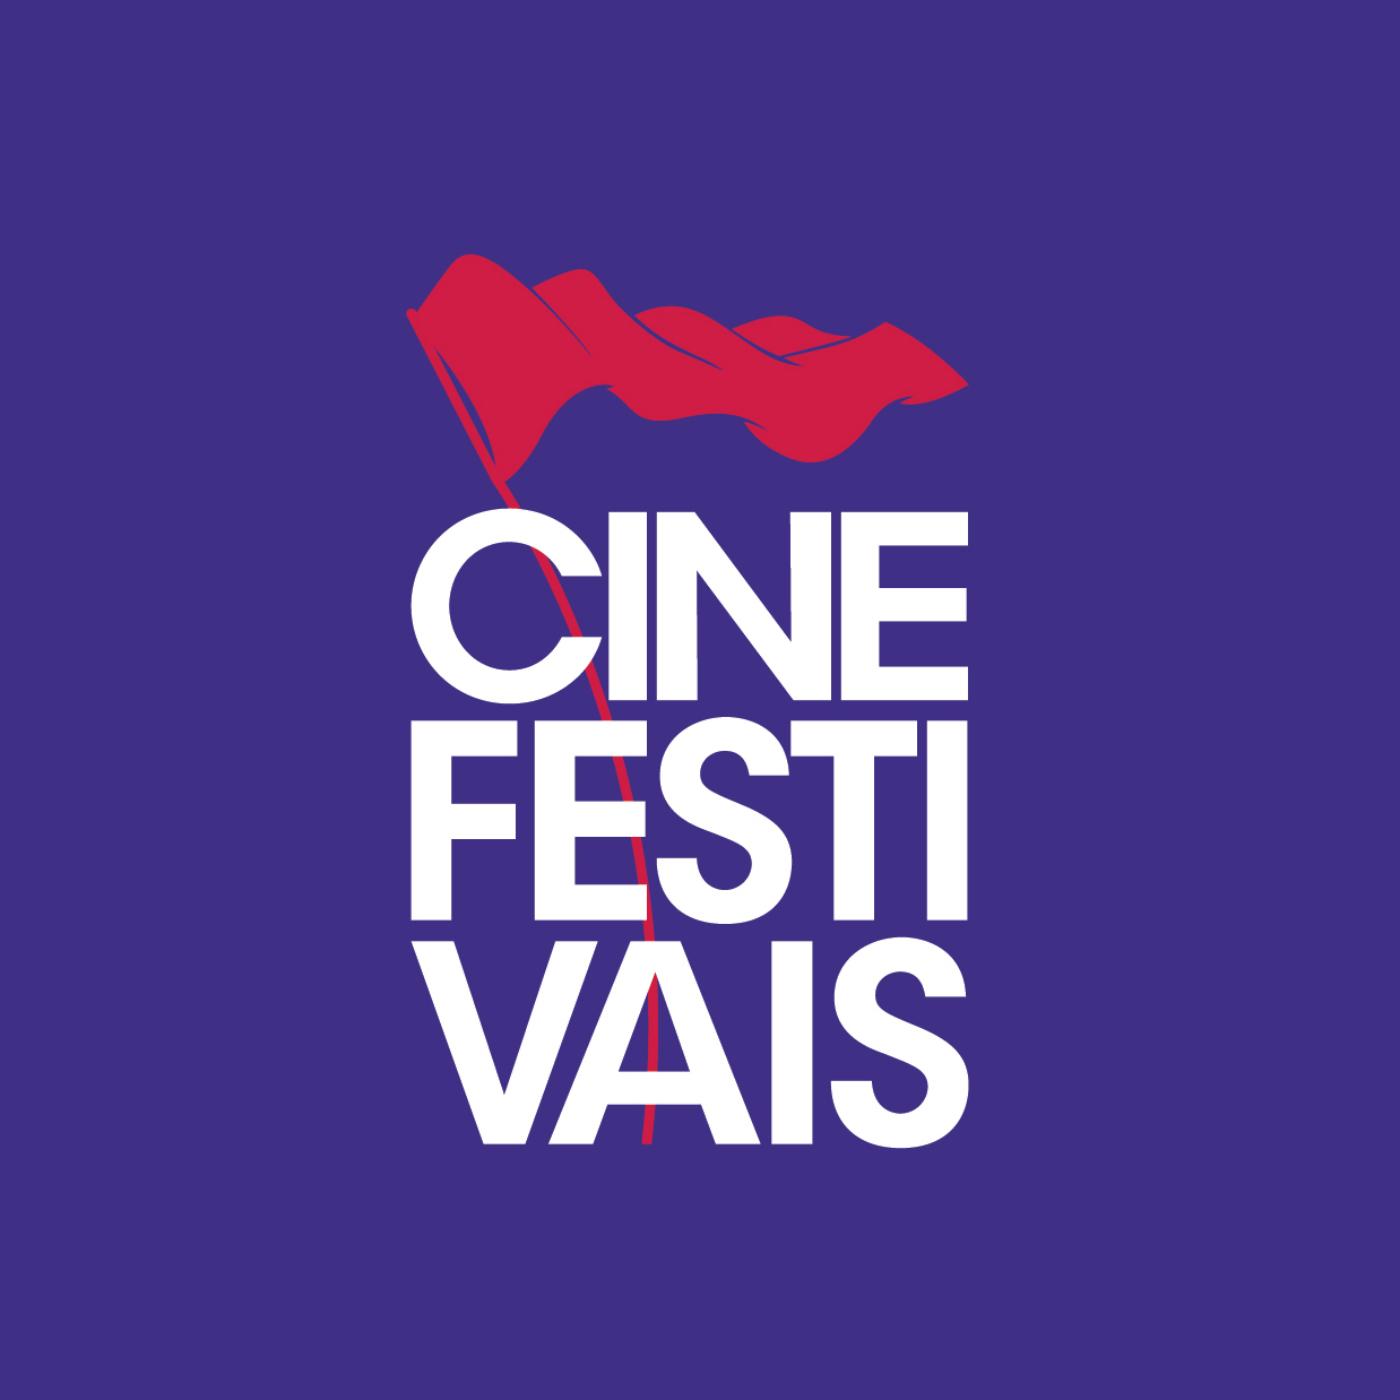 Cine Festivais